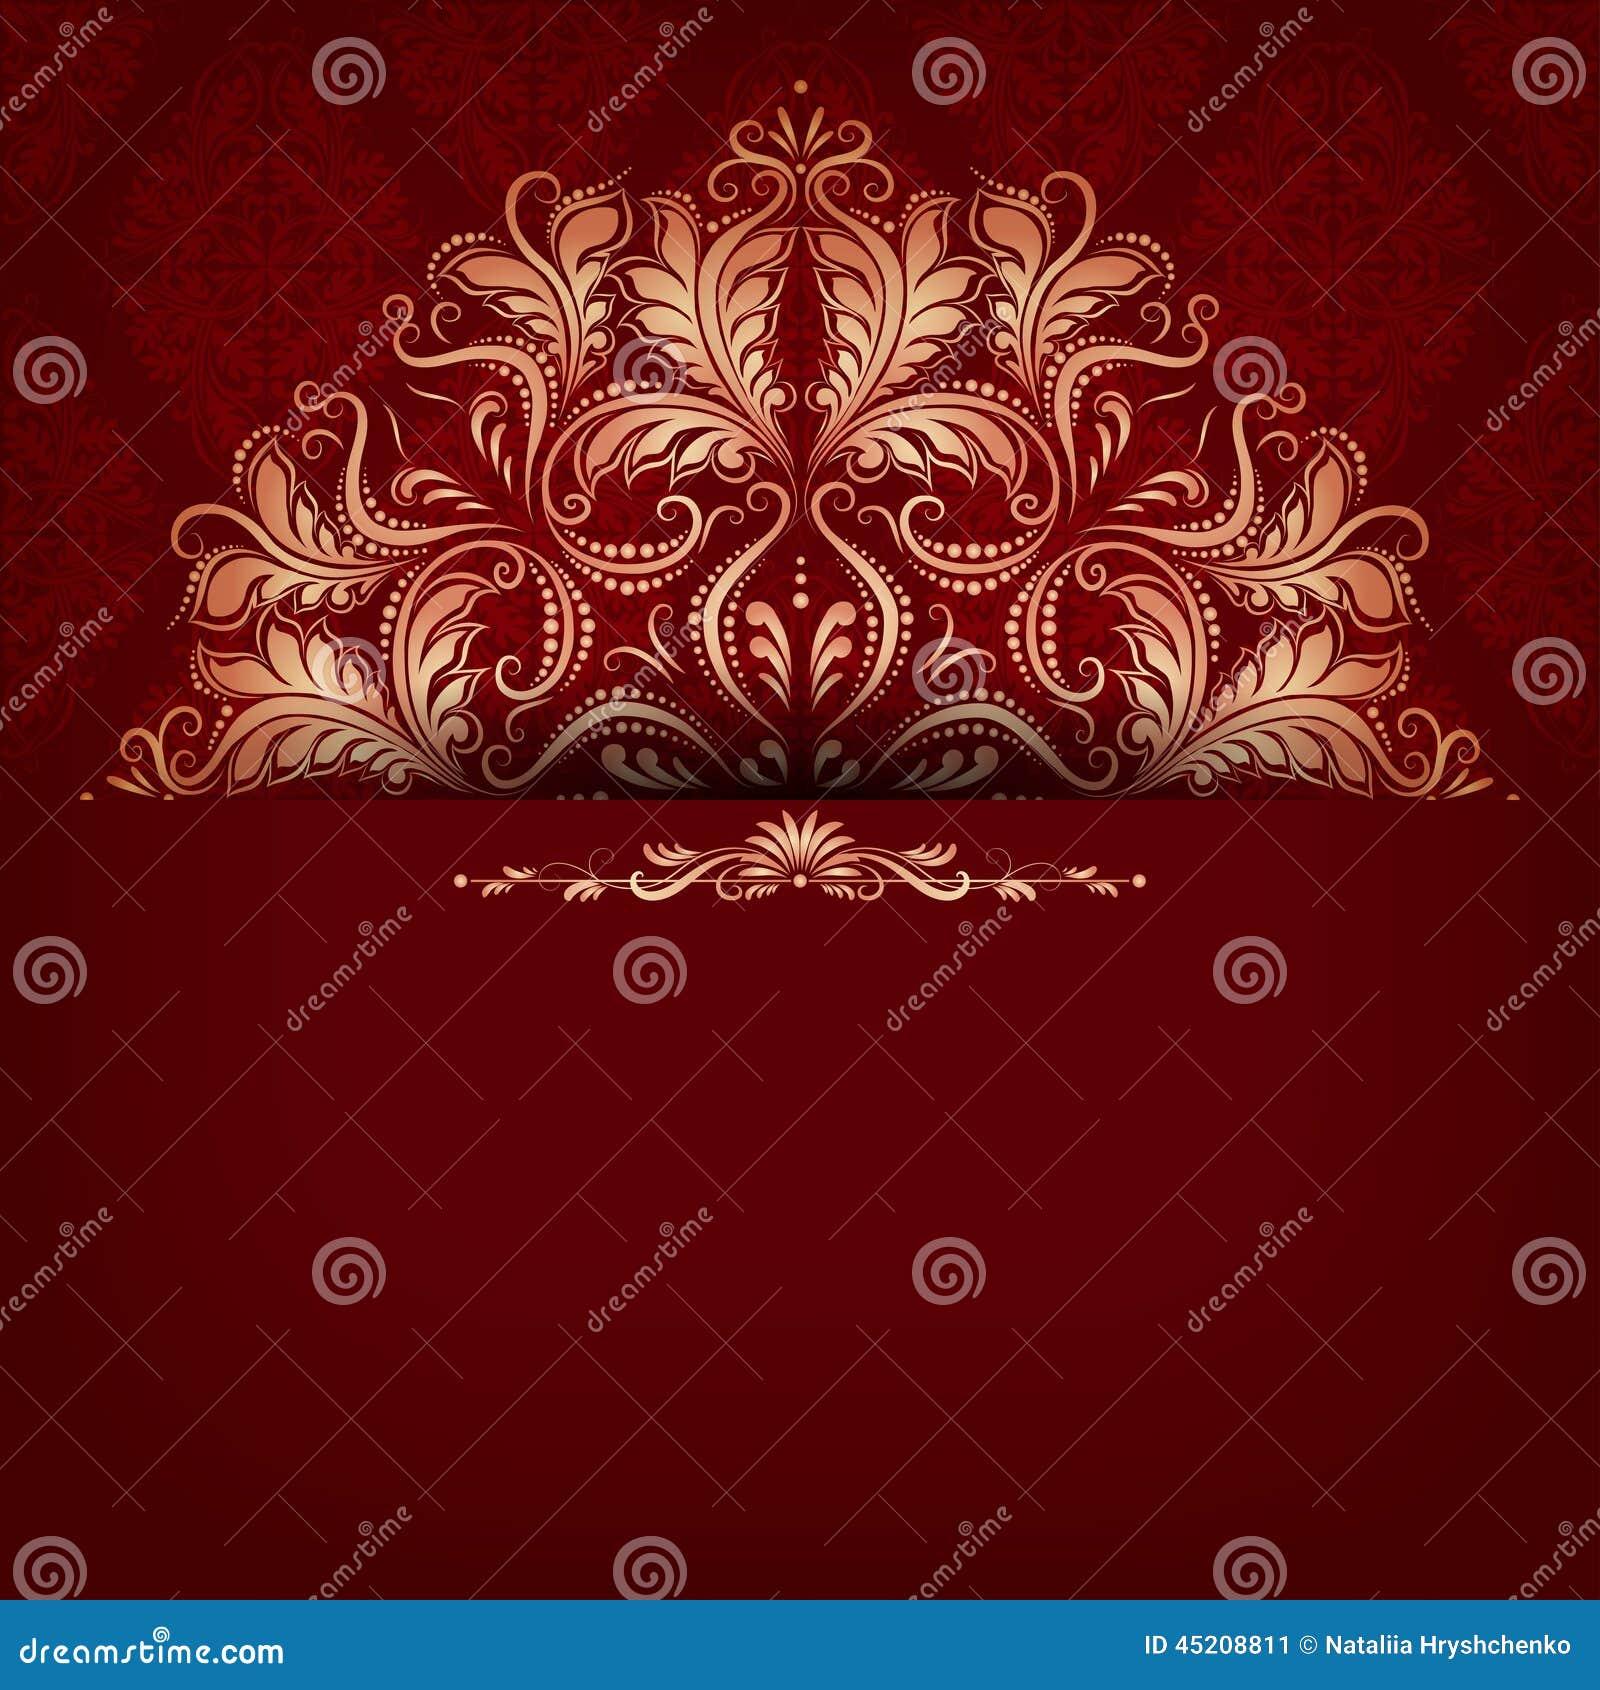 elegant filigree background with - photo #2